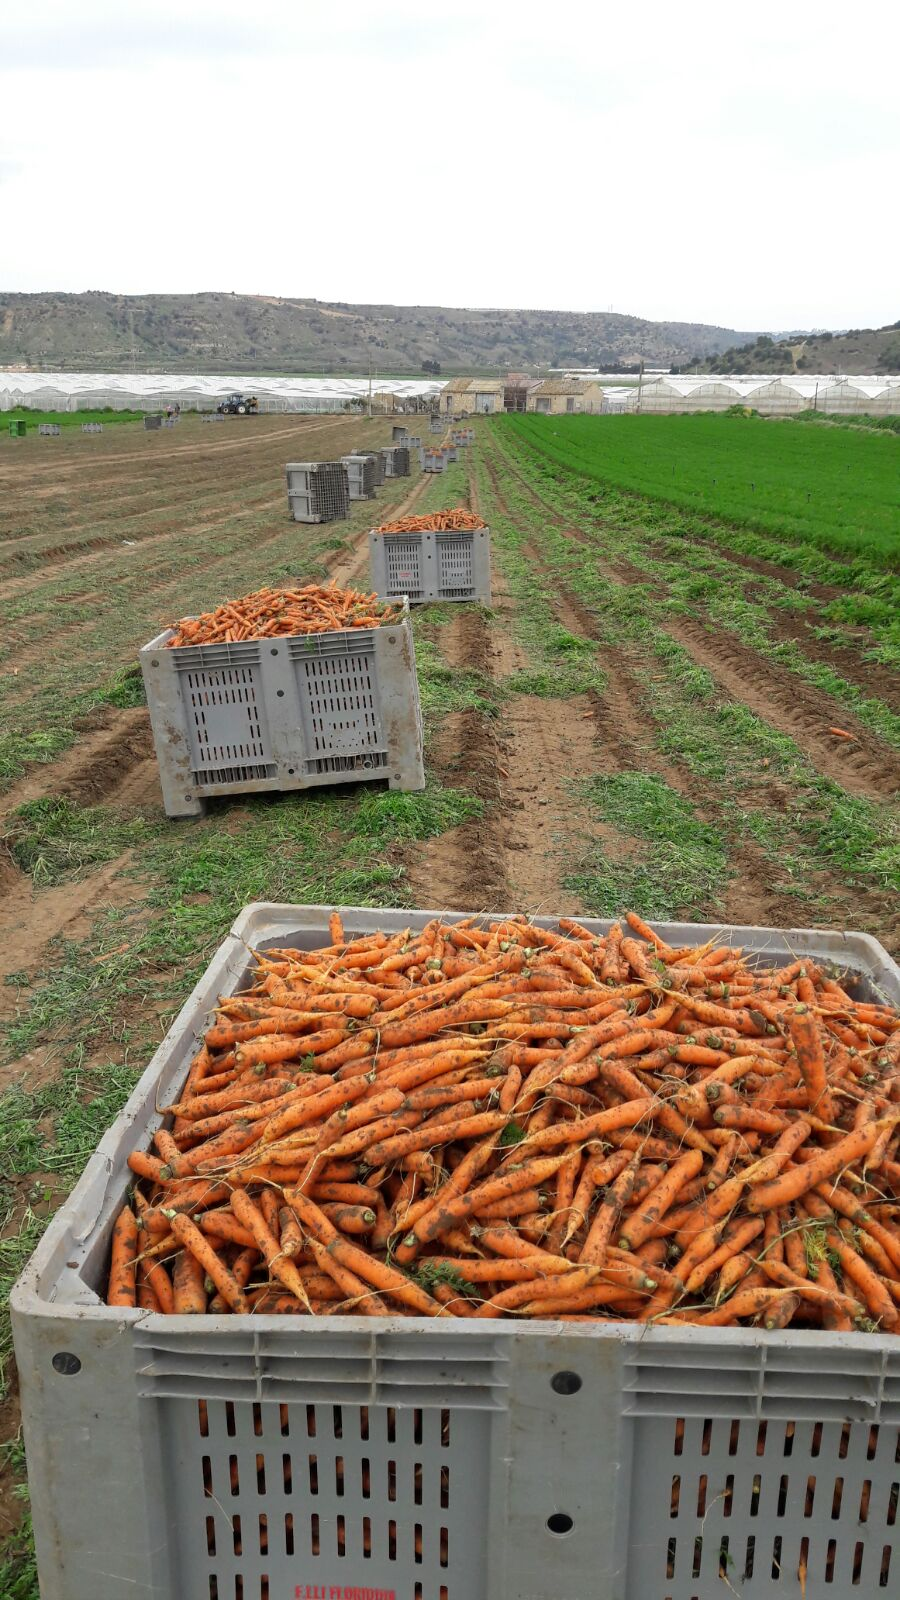 Containers di carote appena raccolte in un campo